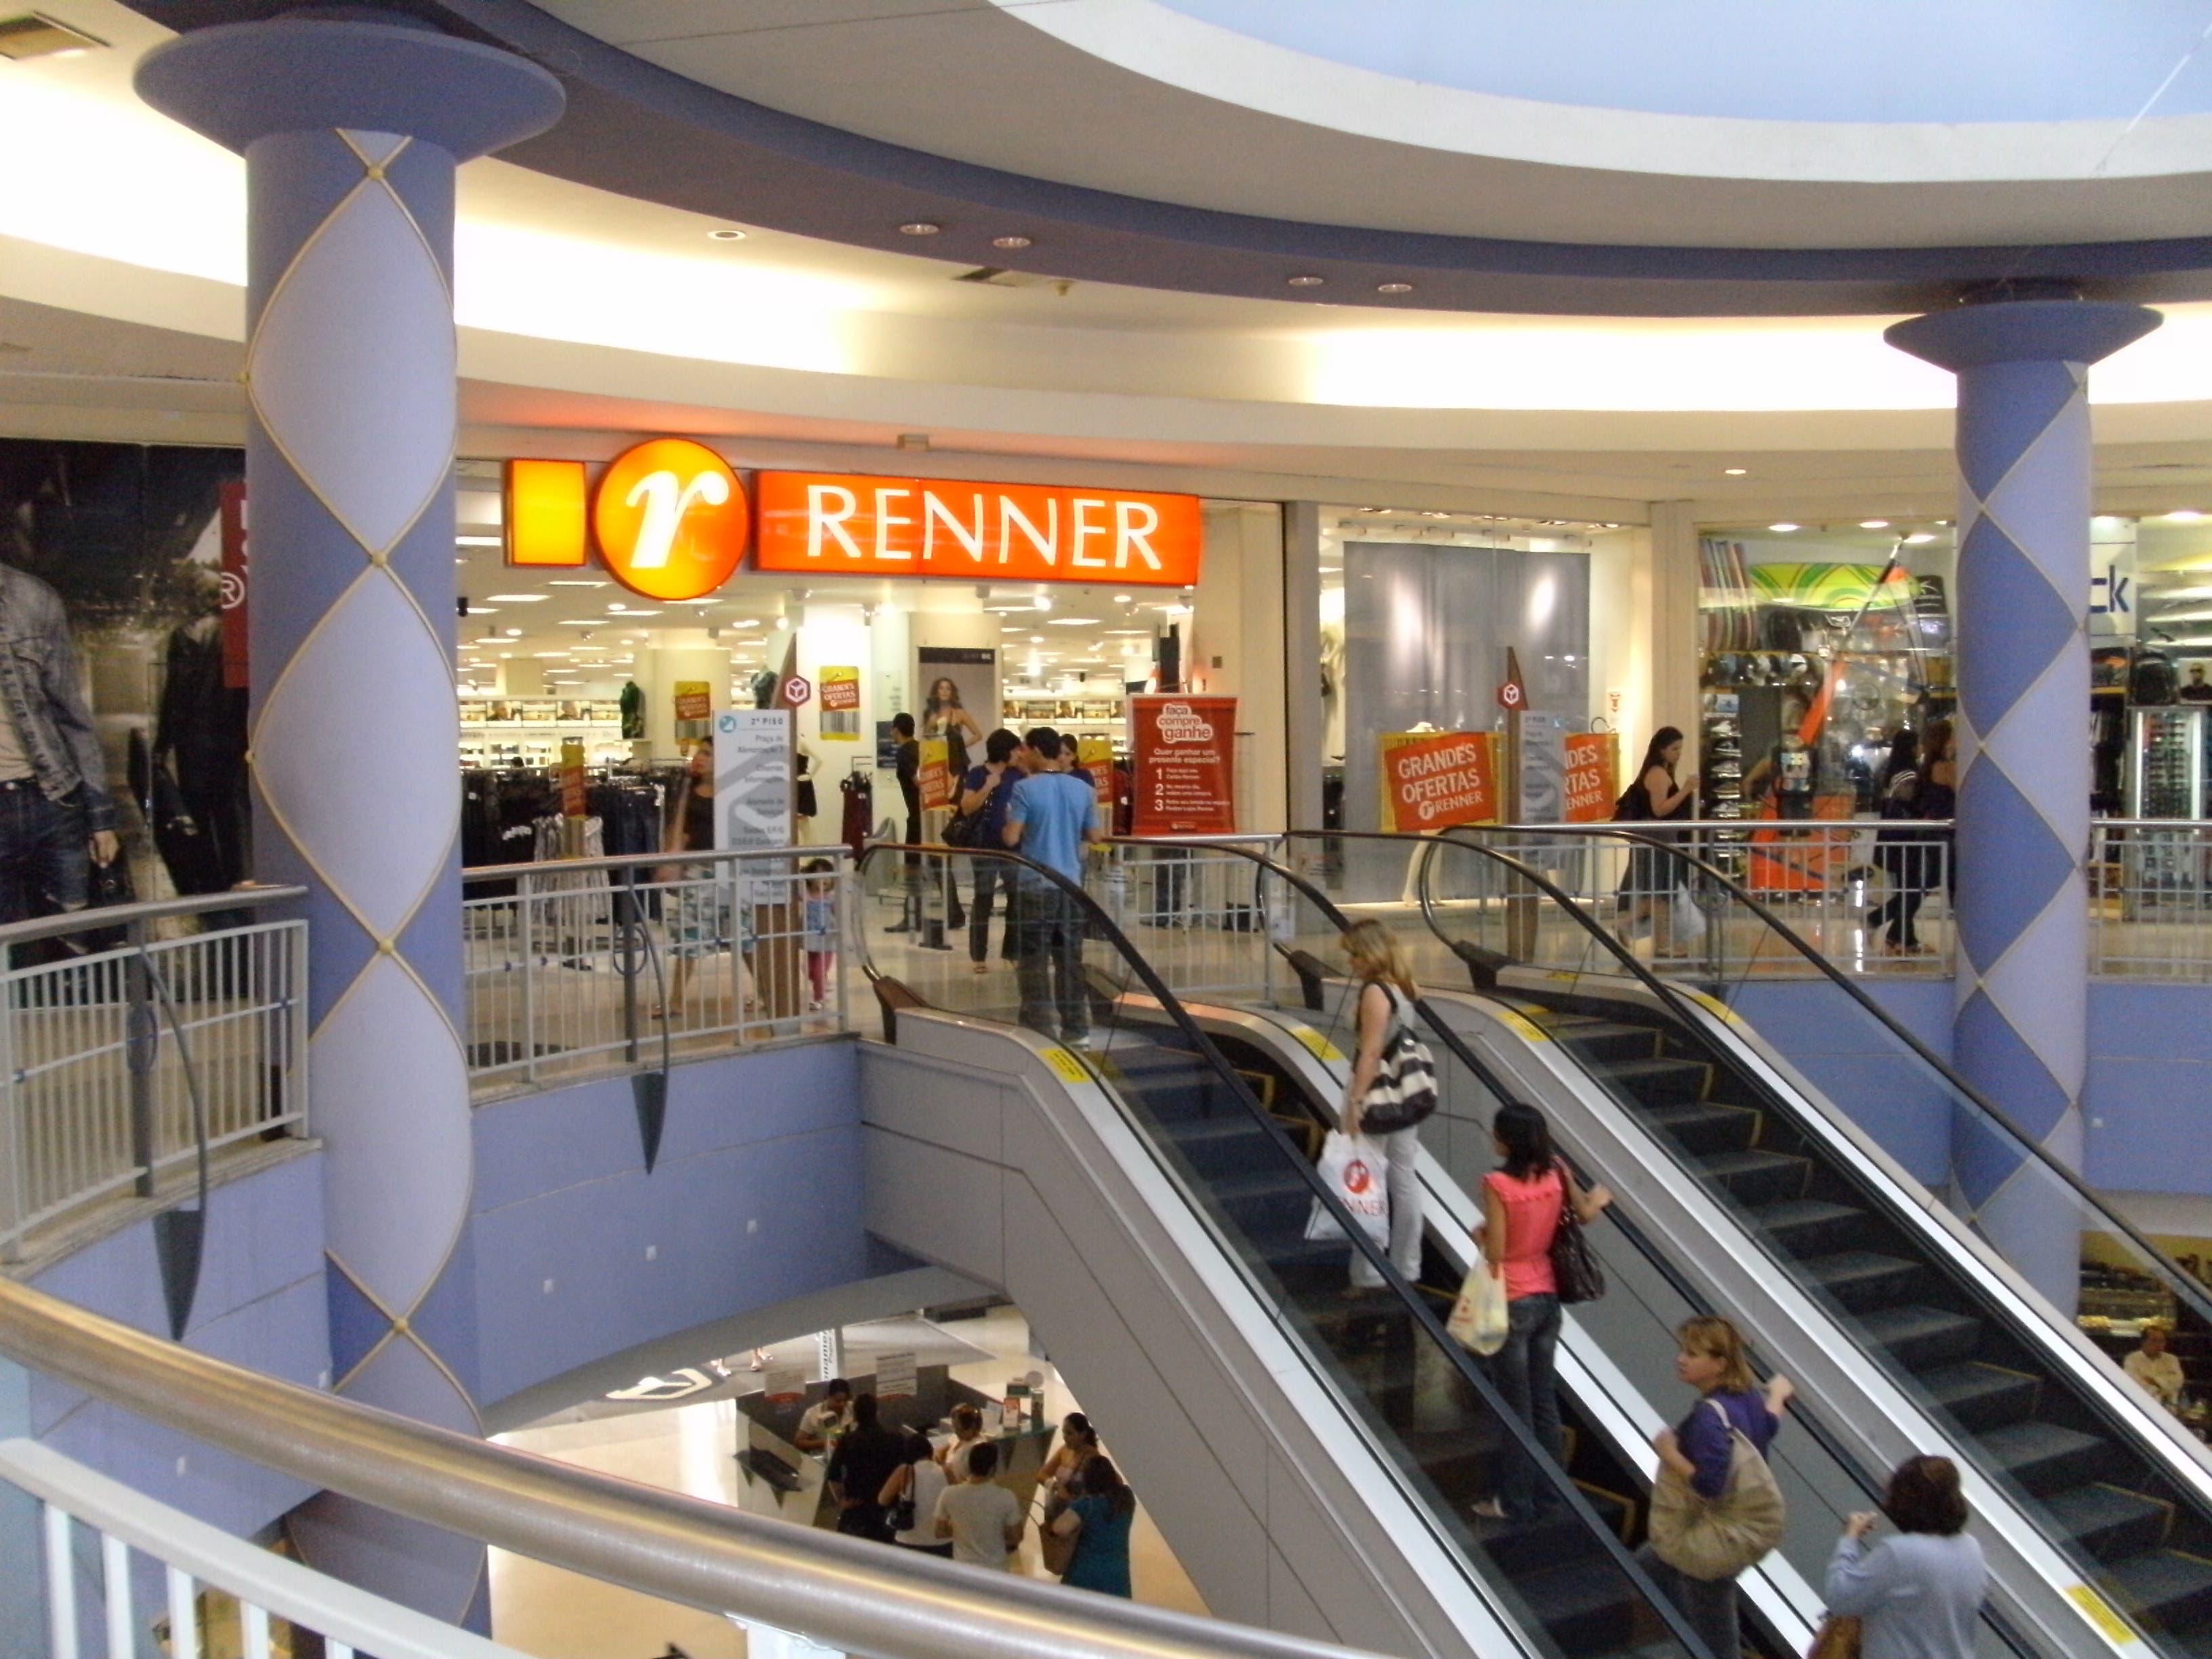 La gigante brasileña Renner desembarca con tres locales comerciales en Argentina